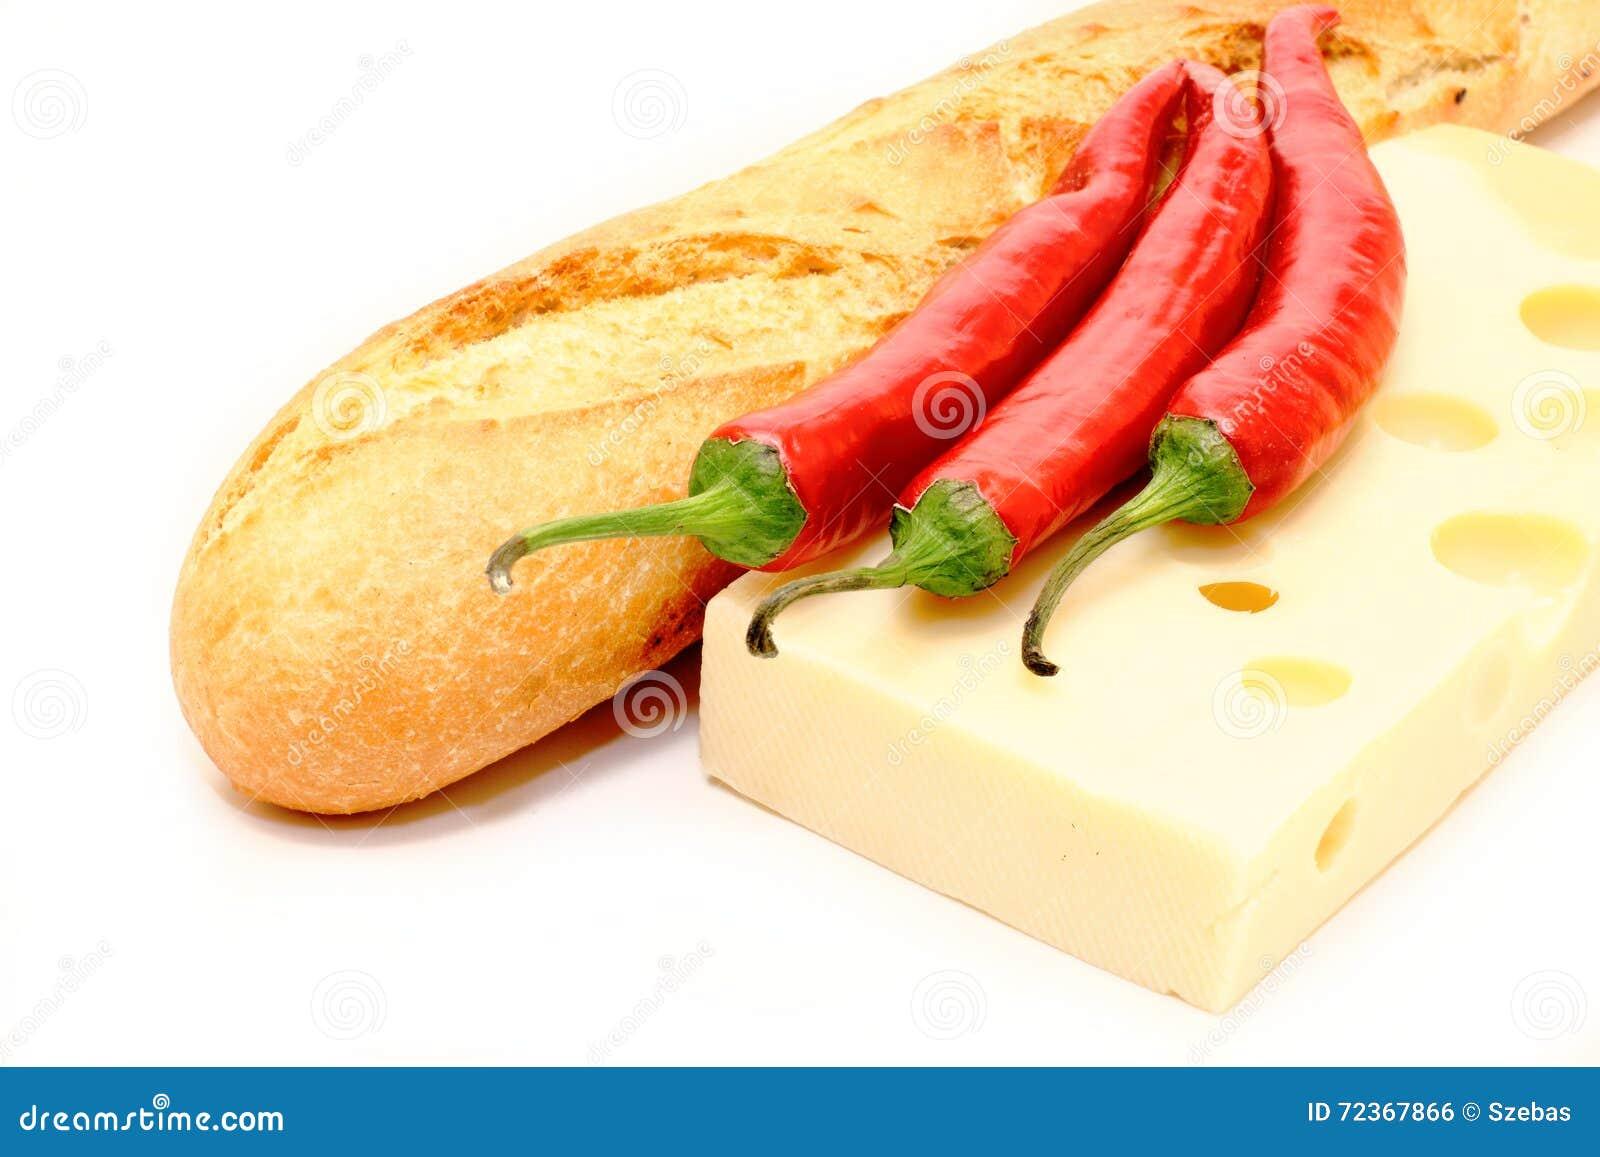 辣食物长方形宝石用乳酪